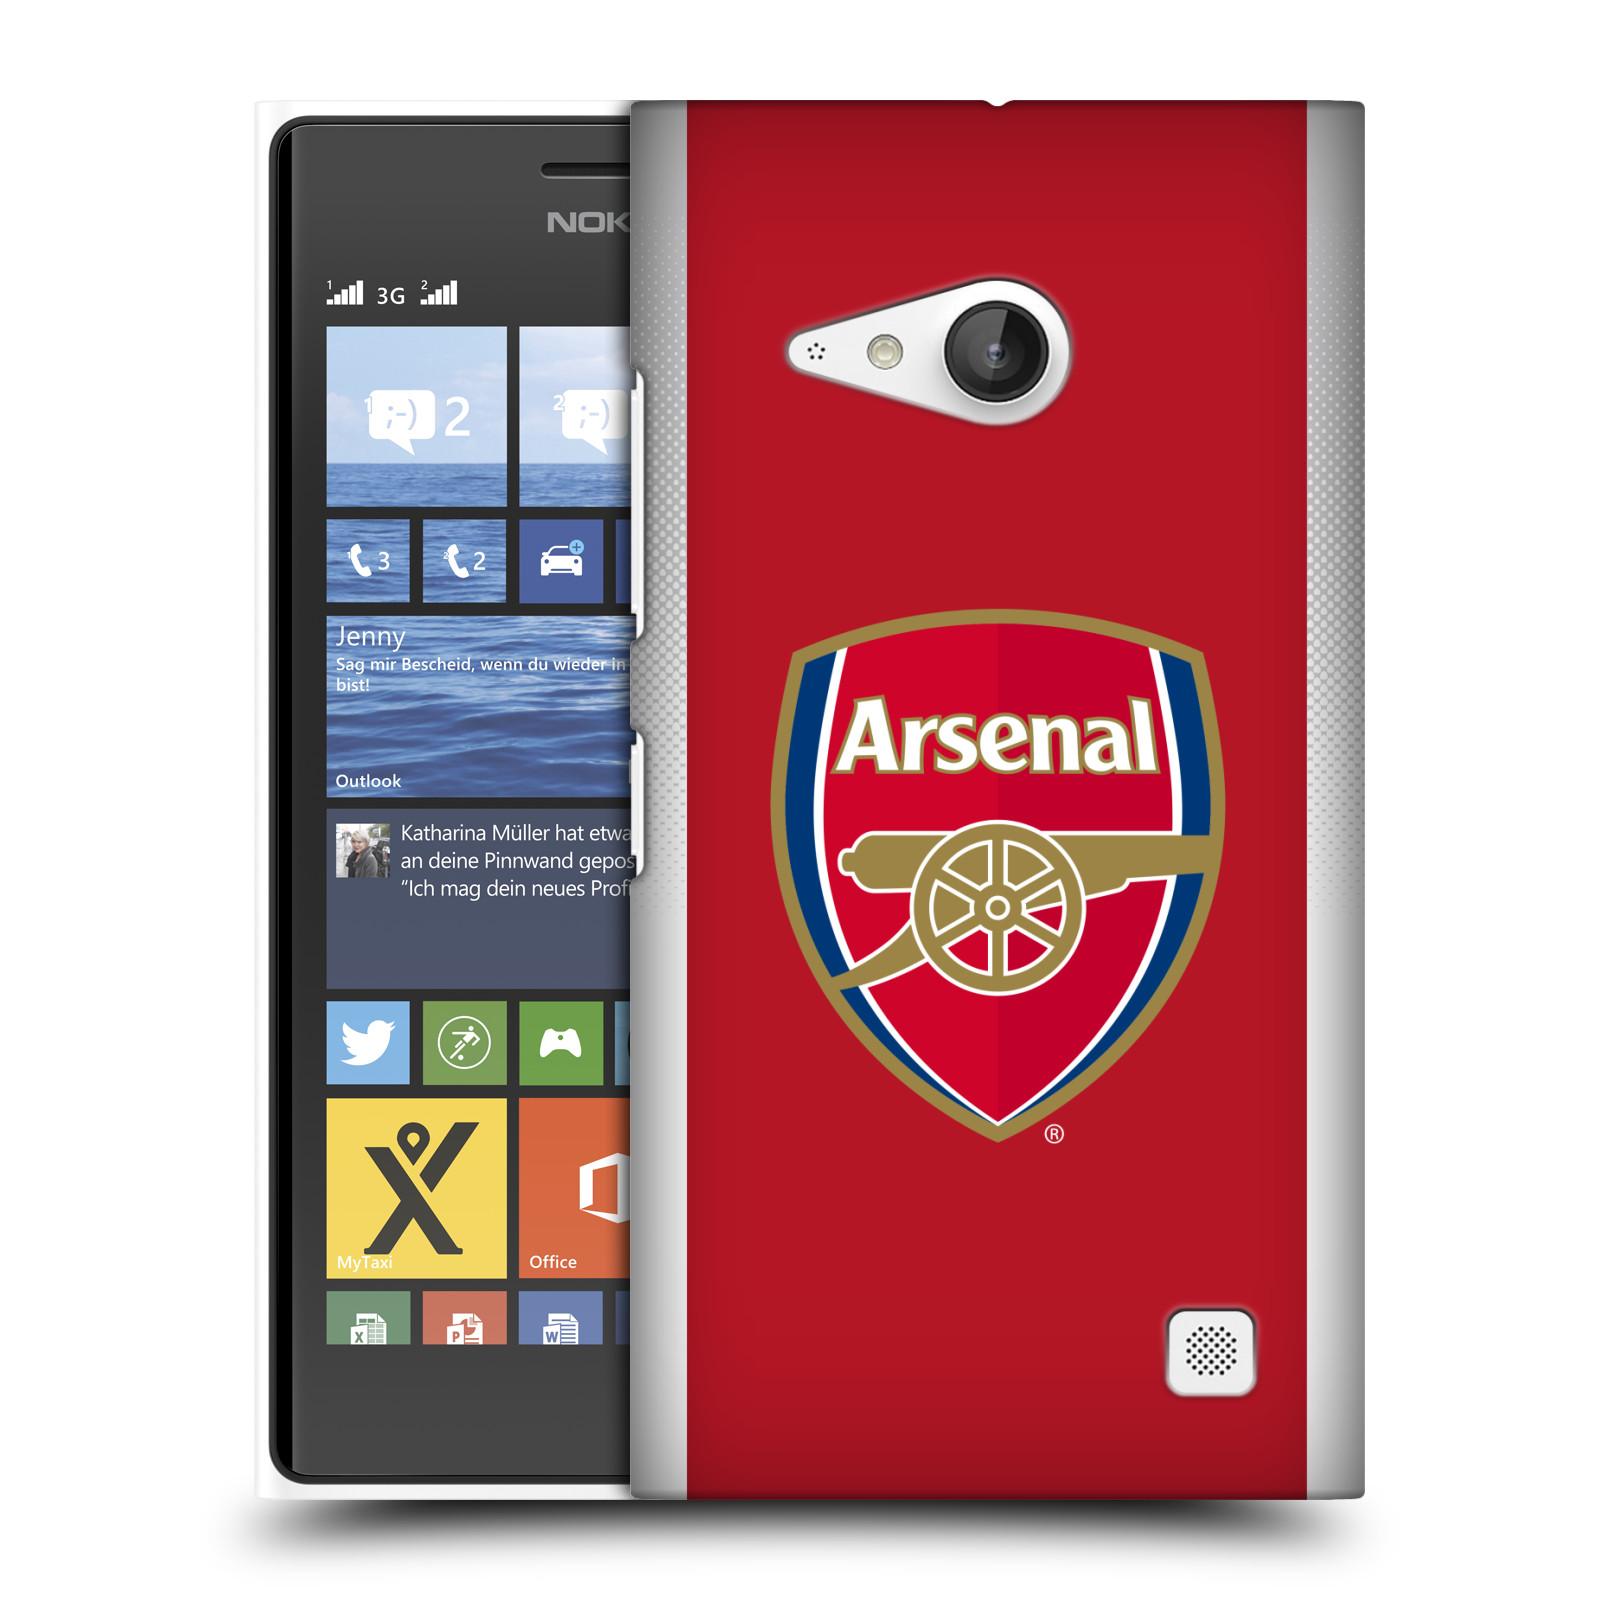 Plastové pouzdro na mobil Nokia Lumia 730 Dual SIM - Head Case - Arsenal FC - Logo klubu (Plastový kryt či obal na mobilní telefon s motivem klubu Arsenal FC - Logo klubu pro Nokia Lumia 730 Dual SIM)